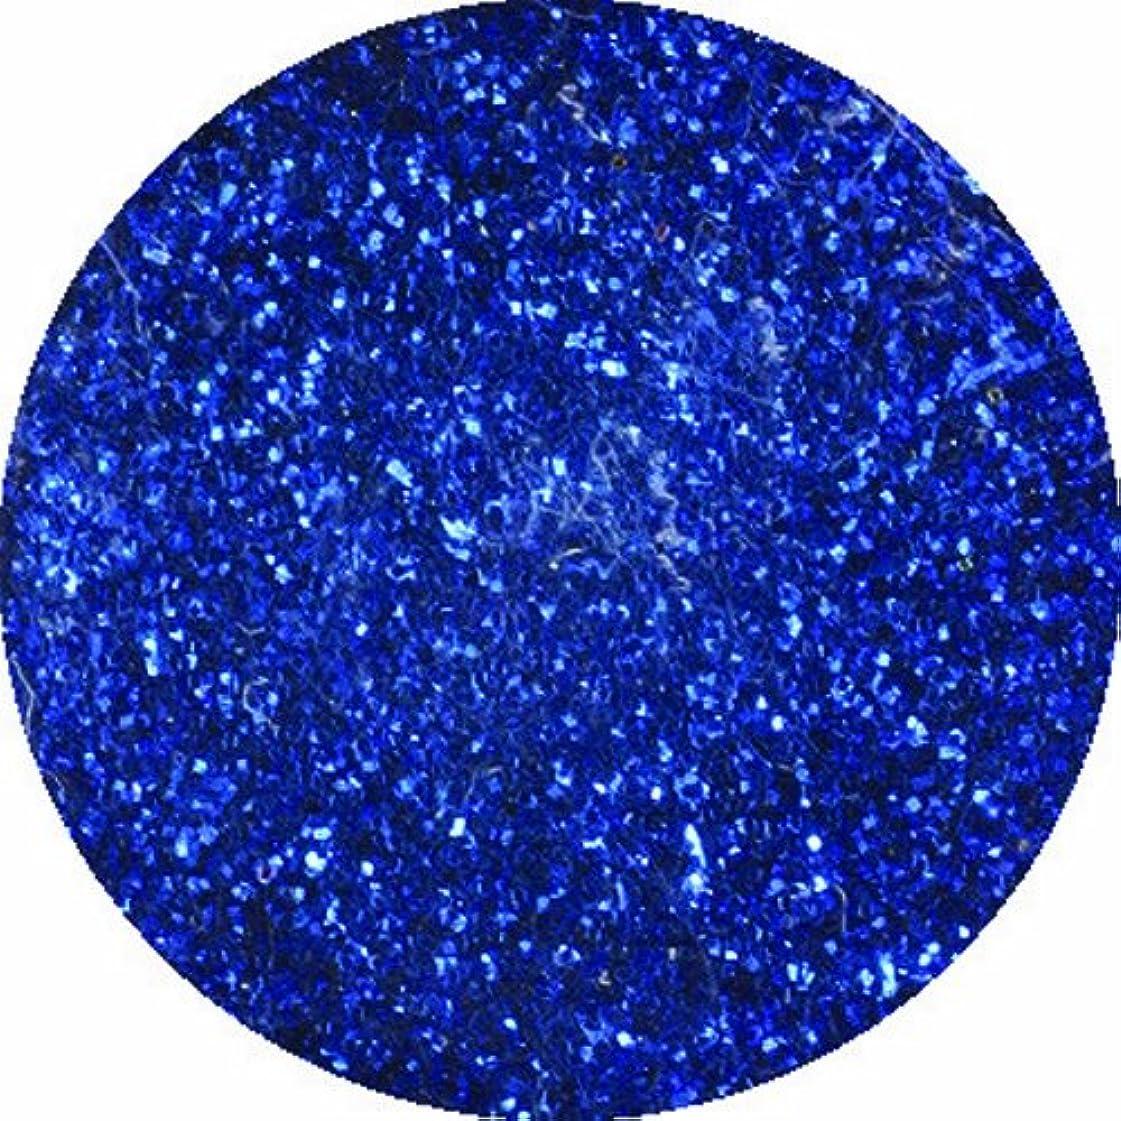 不利益肺豊かなビューティーネイラー ネイル用パウダー 黒崎えり子 ジュエリーコレクション ブルー0.05mm